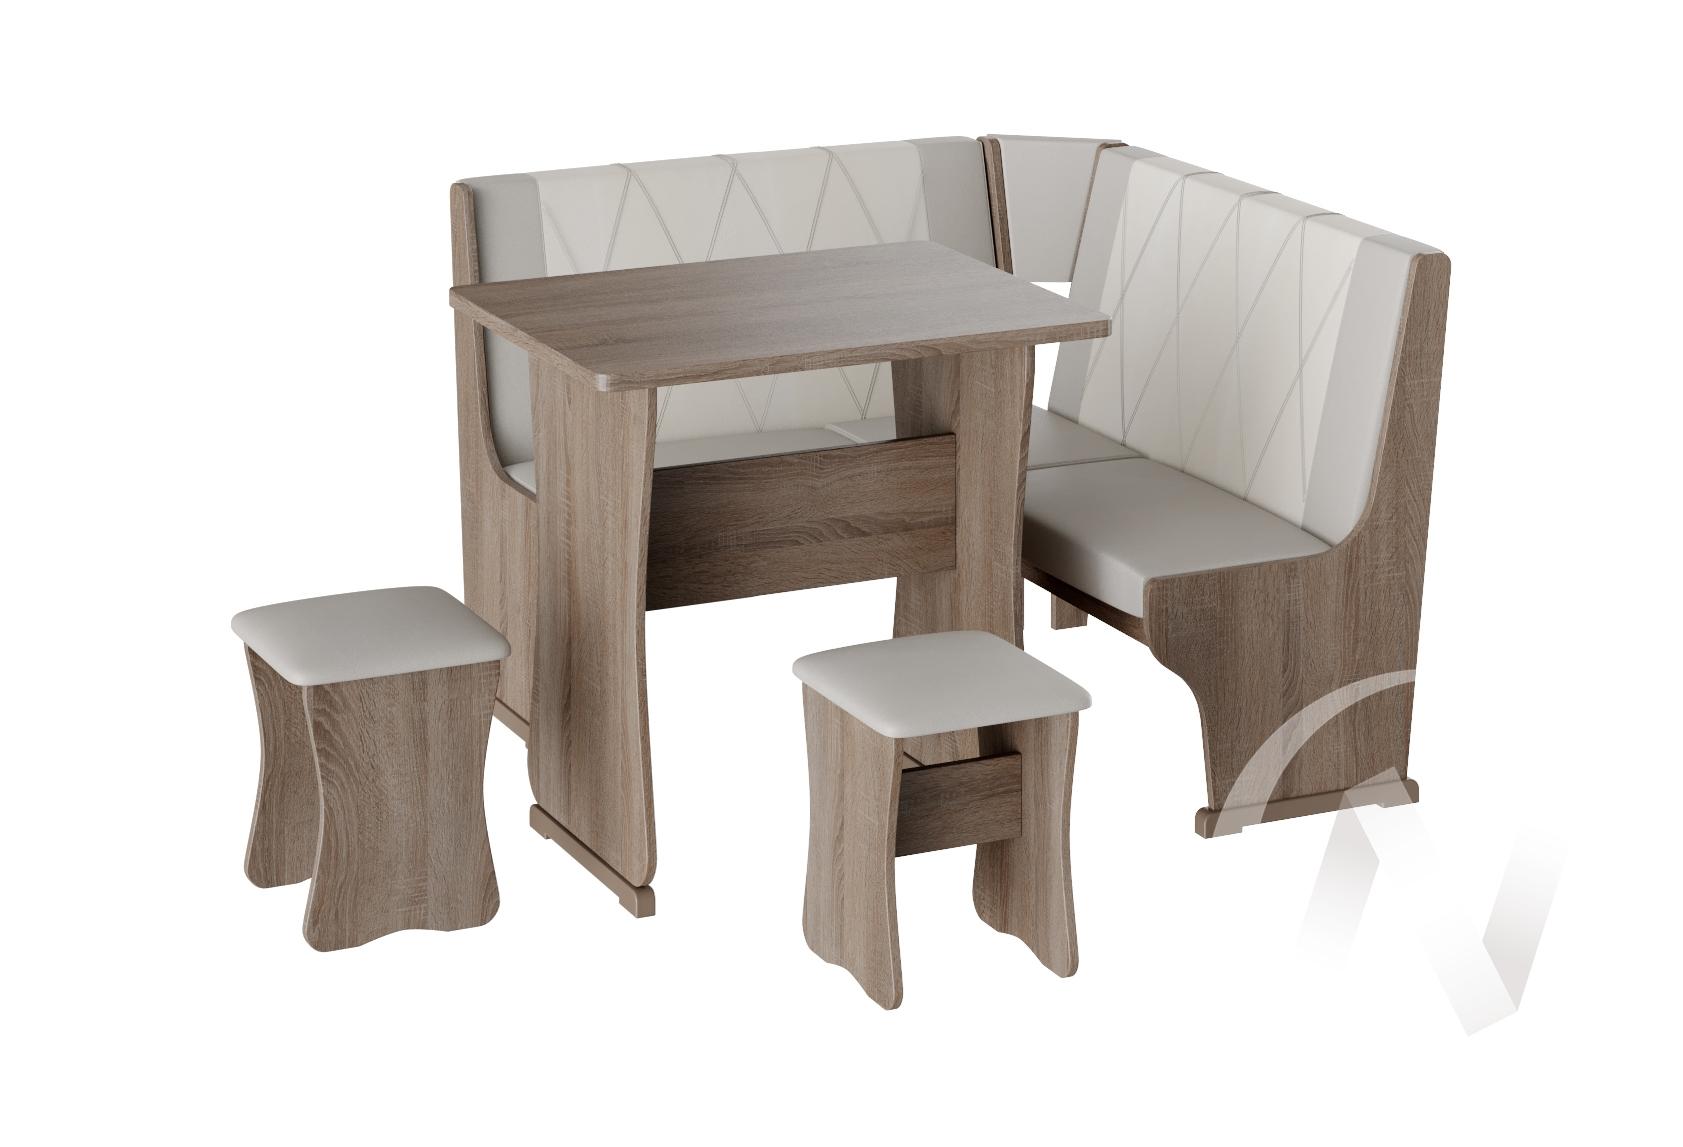 Кухонный уголок Гамма мини тип 2 кожзам (дуб сонома трюфель/серый,белый)  в Томске — интернет магазин МИРА-мебель